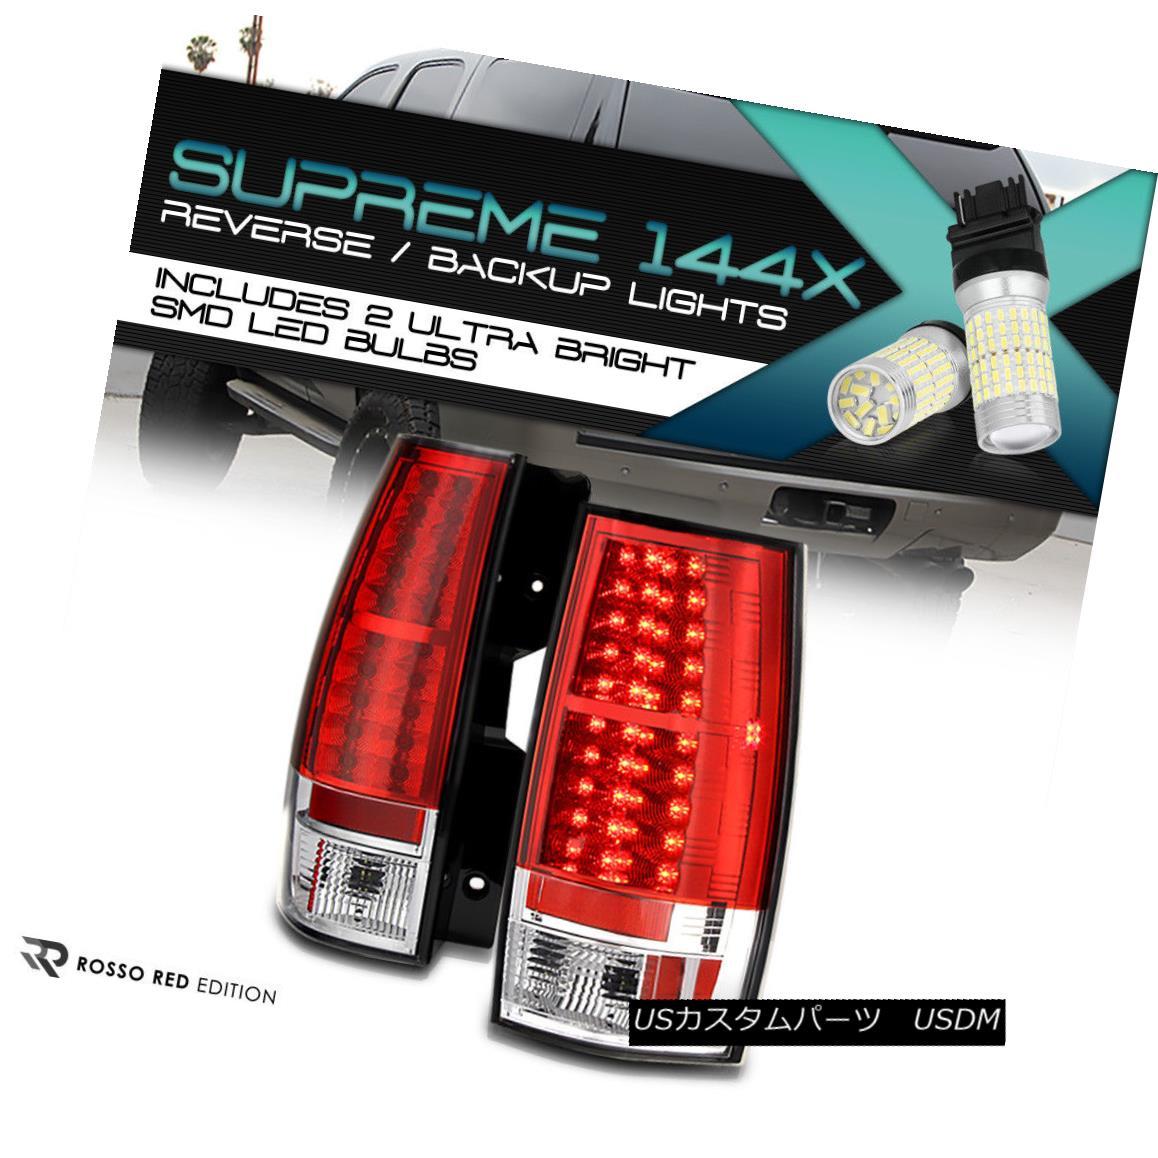 テールライト [360 DEGREE SMD BACKUP] 2007-2014 Chevy Suburban Tahoe GMC Red LED Taillamps Set [360°SMD BACKUP] 2007-2014シボレー郊外Tahoe GMCレッドLEDタイルランプセット